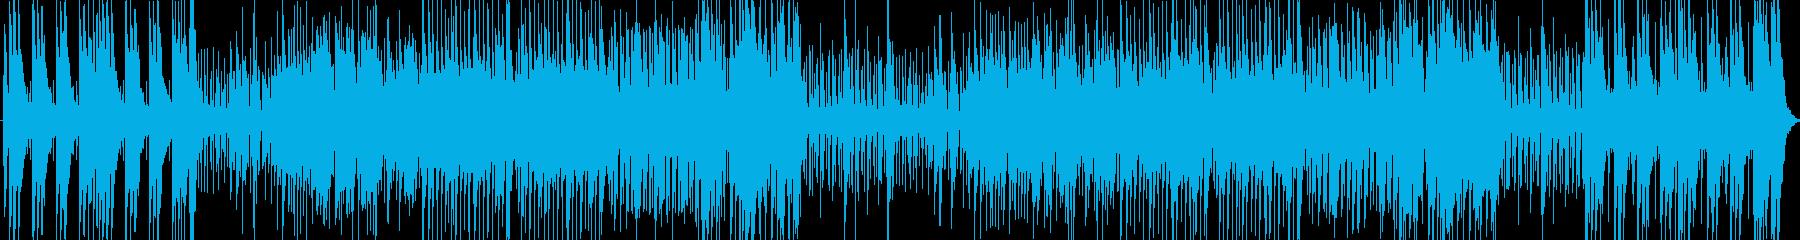 和太鼓と掛け声 和風を伝える 純和風の再生済みの波形